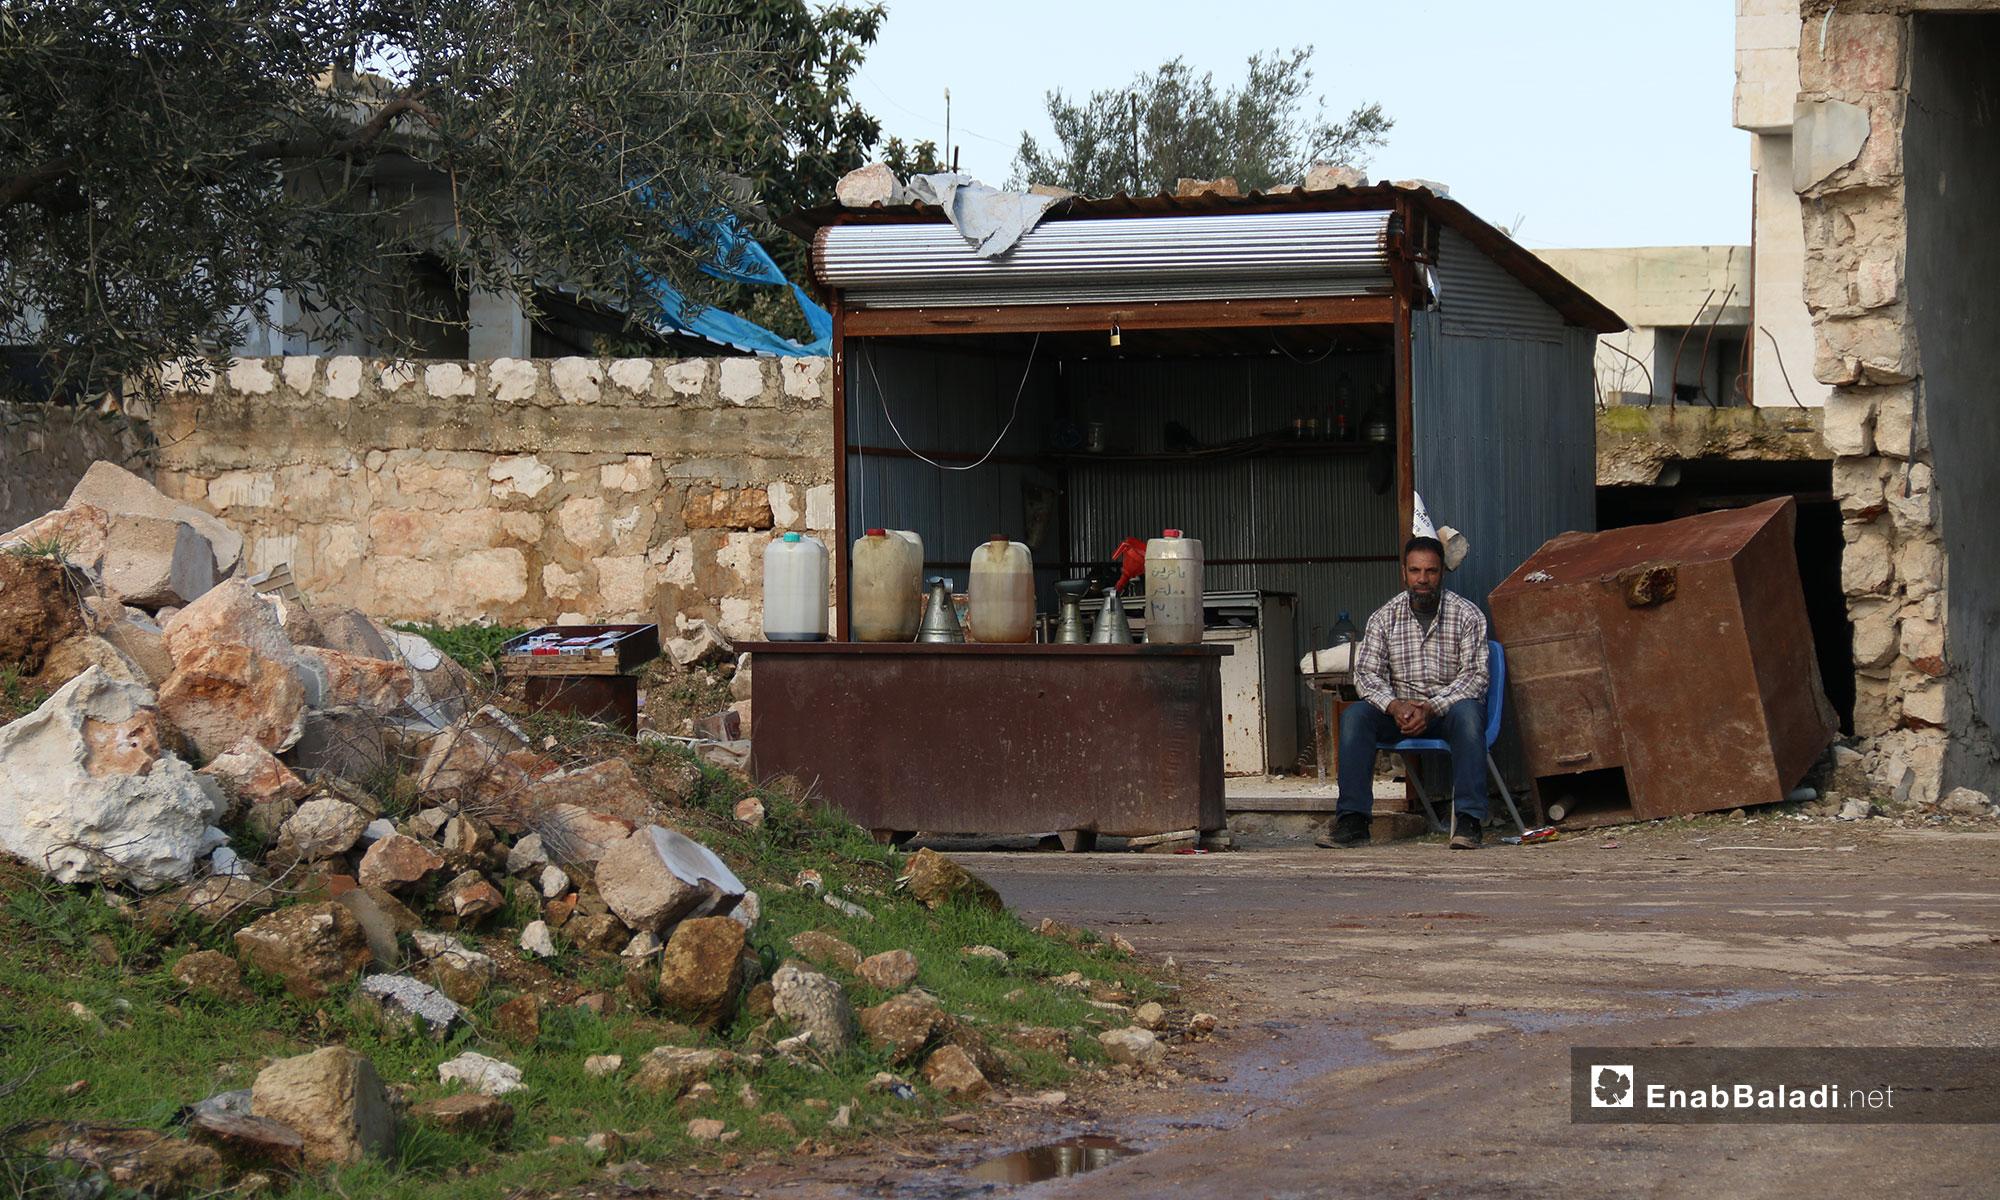 بائع مازوت من المهجرين في بلدة الفوعة - 24 من كانون الأول 2018 (عنب بلدي)